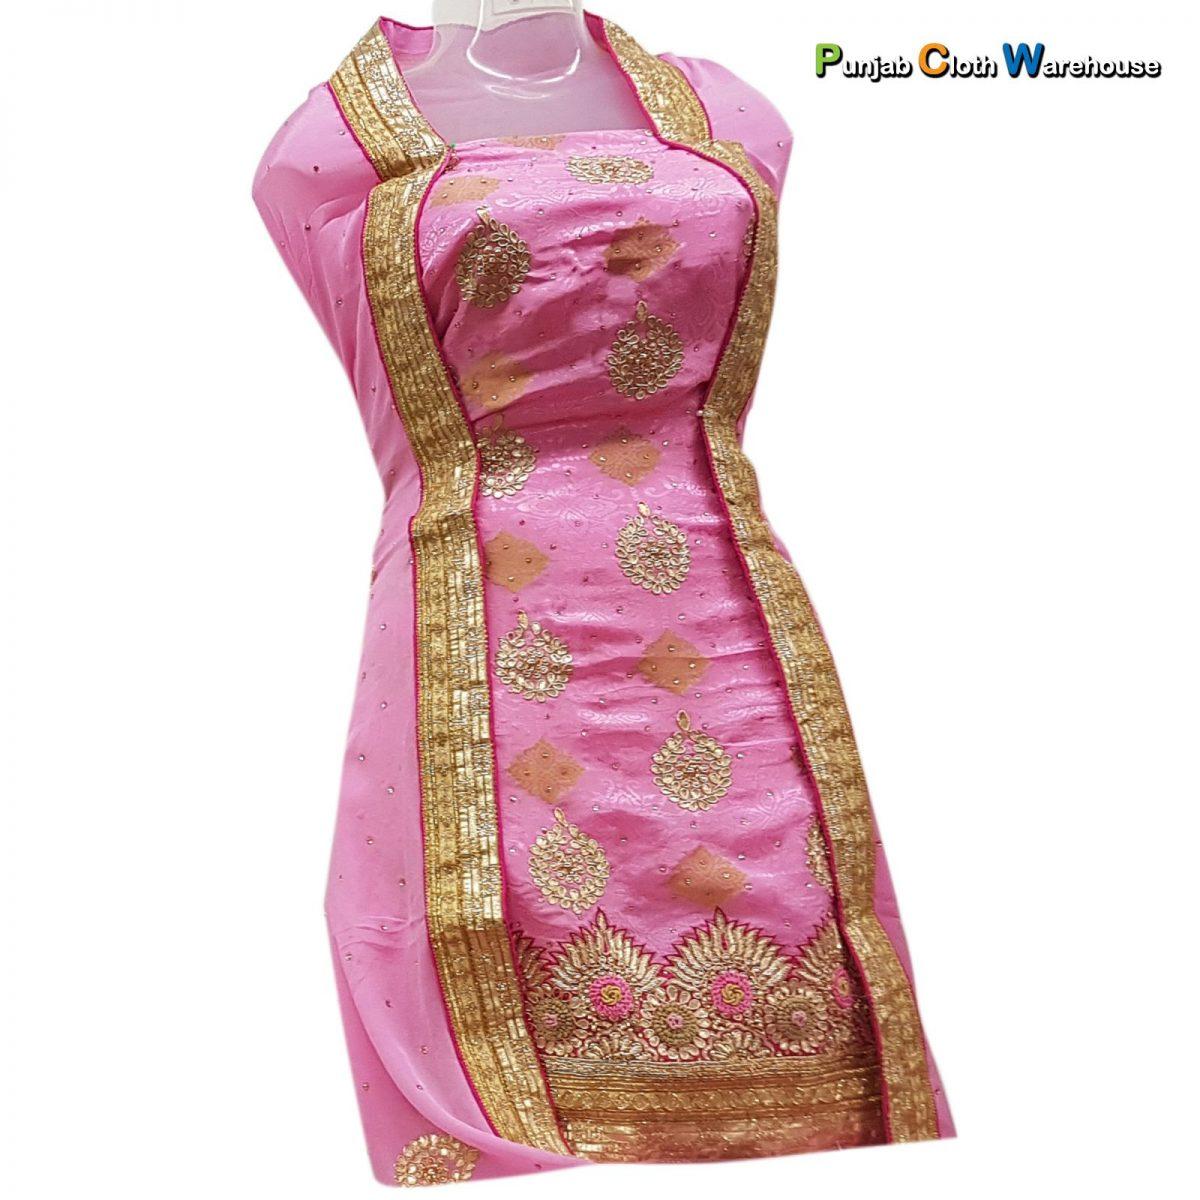 Ladies Suits - Cut Piece - Punjab Cloth Warehouse, Surrey (12)